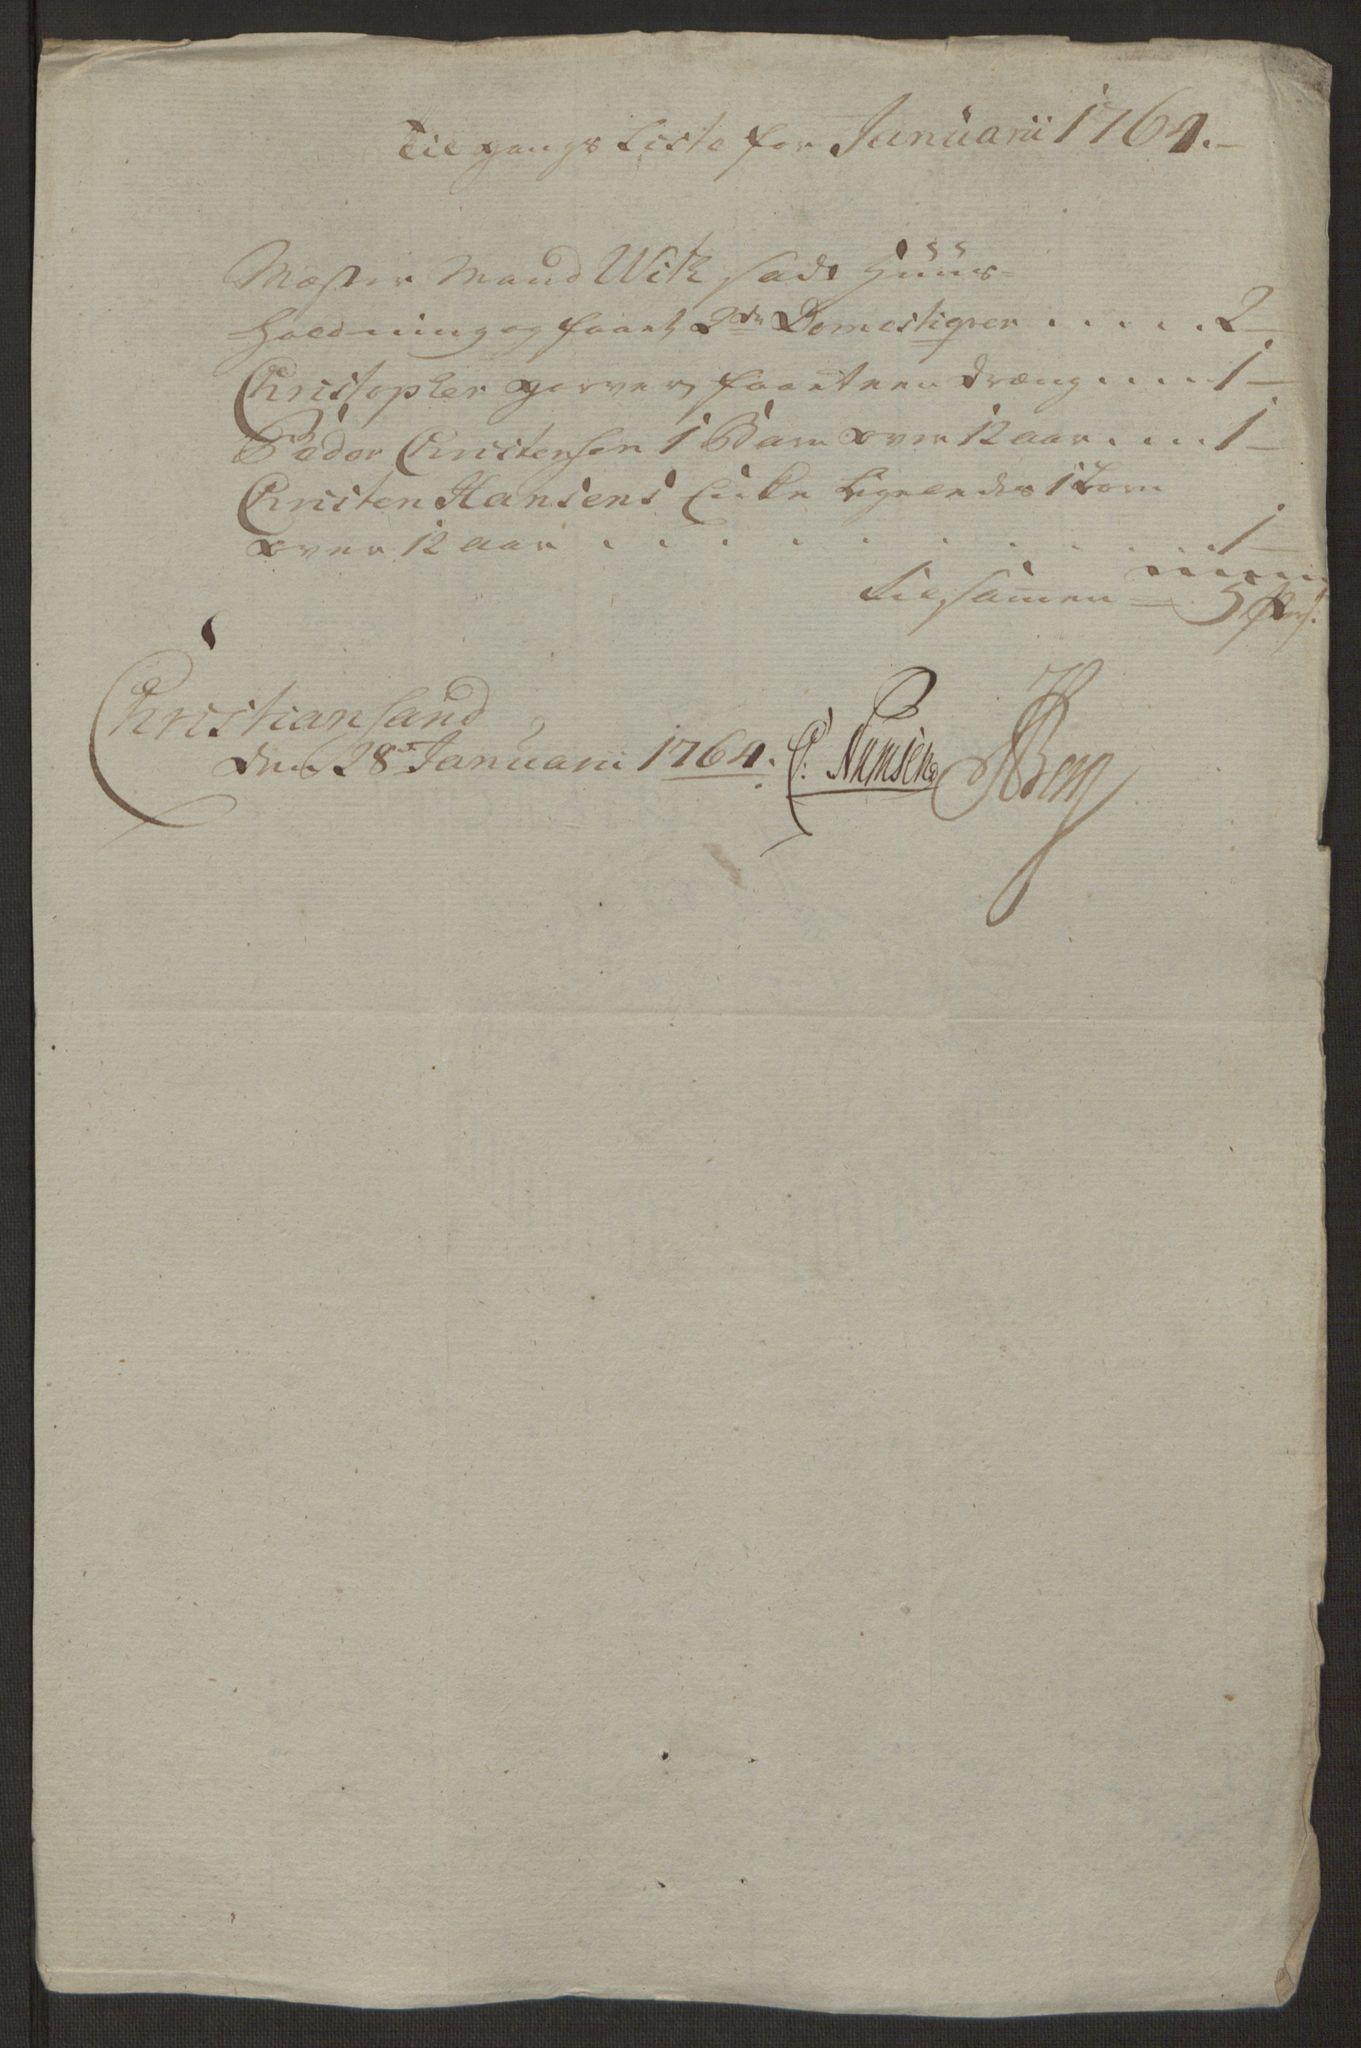 RA, Rentekammeret inntil 1814, Reviderte regnskaper, Byregnskaper, R/Rm/L0265: [M6] Kontribusjonsregnskap, 1762-1764, s. 193